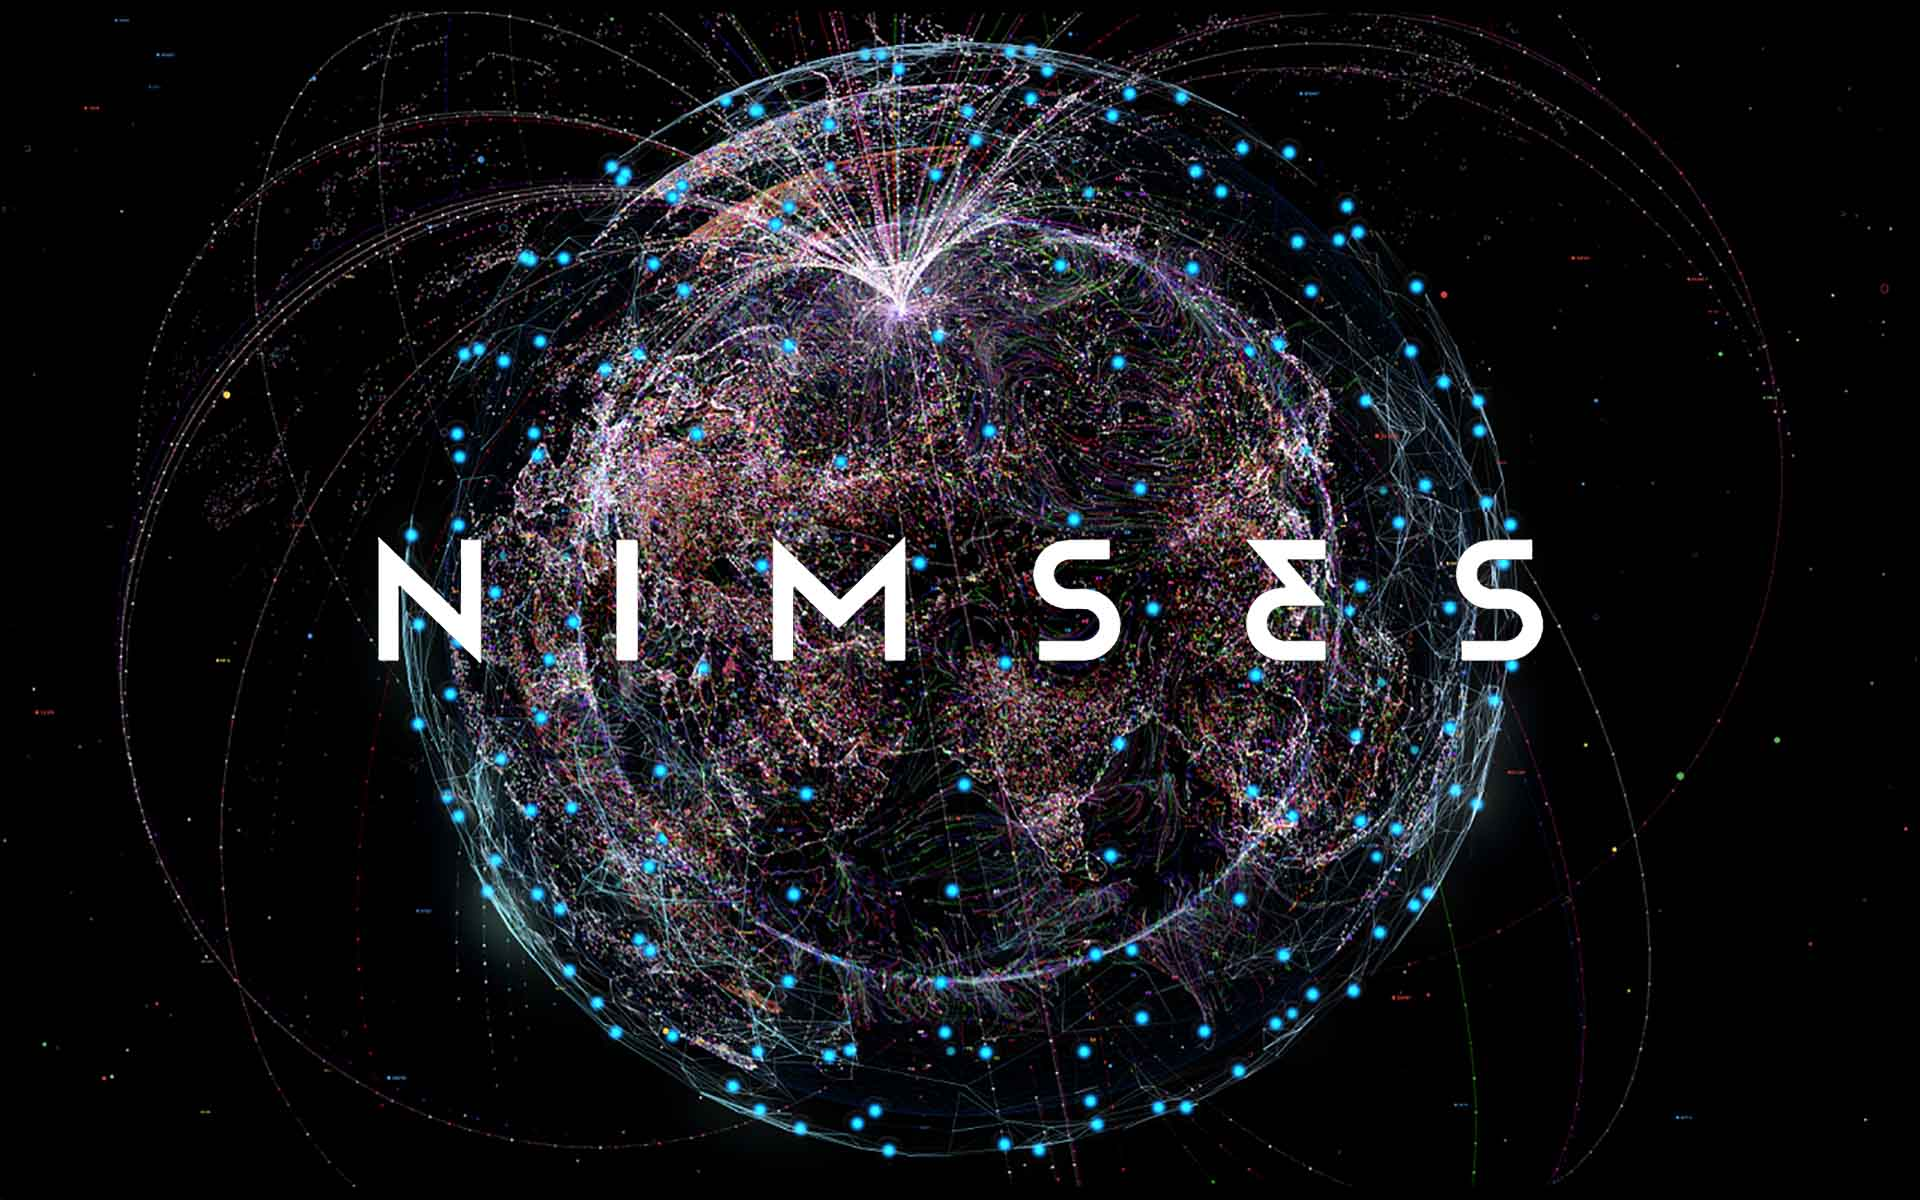 Украинское приложение Nimses, которое было вирусным в 2017, выпустило обновление